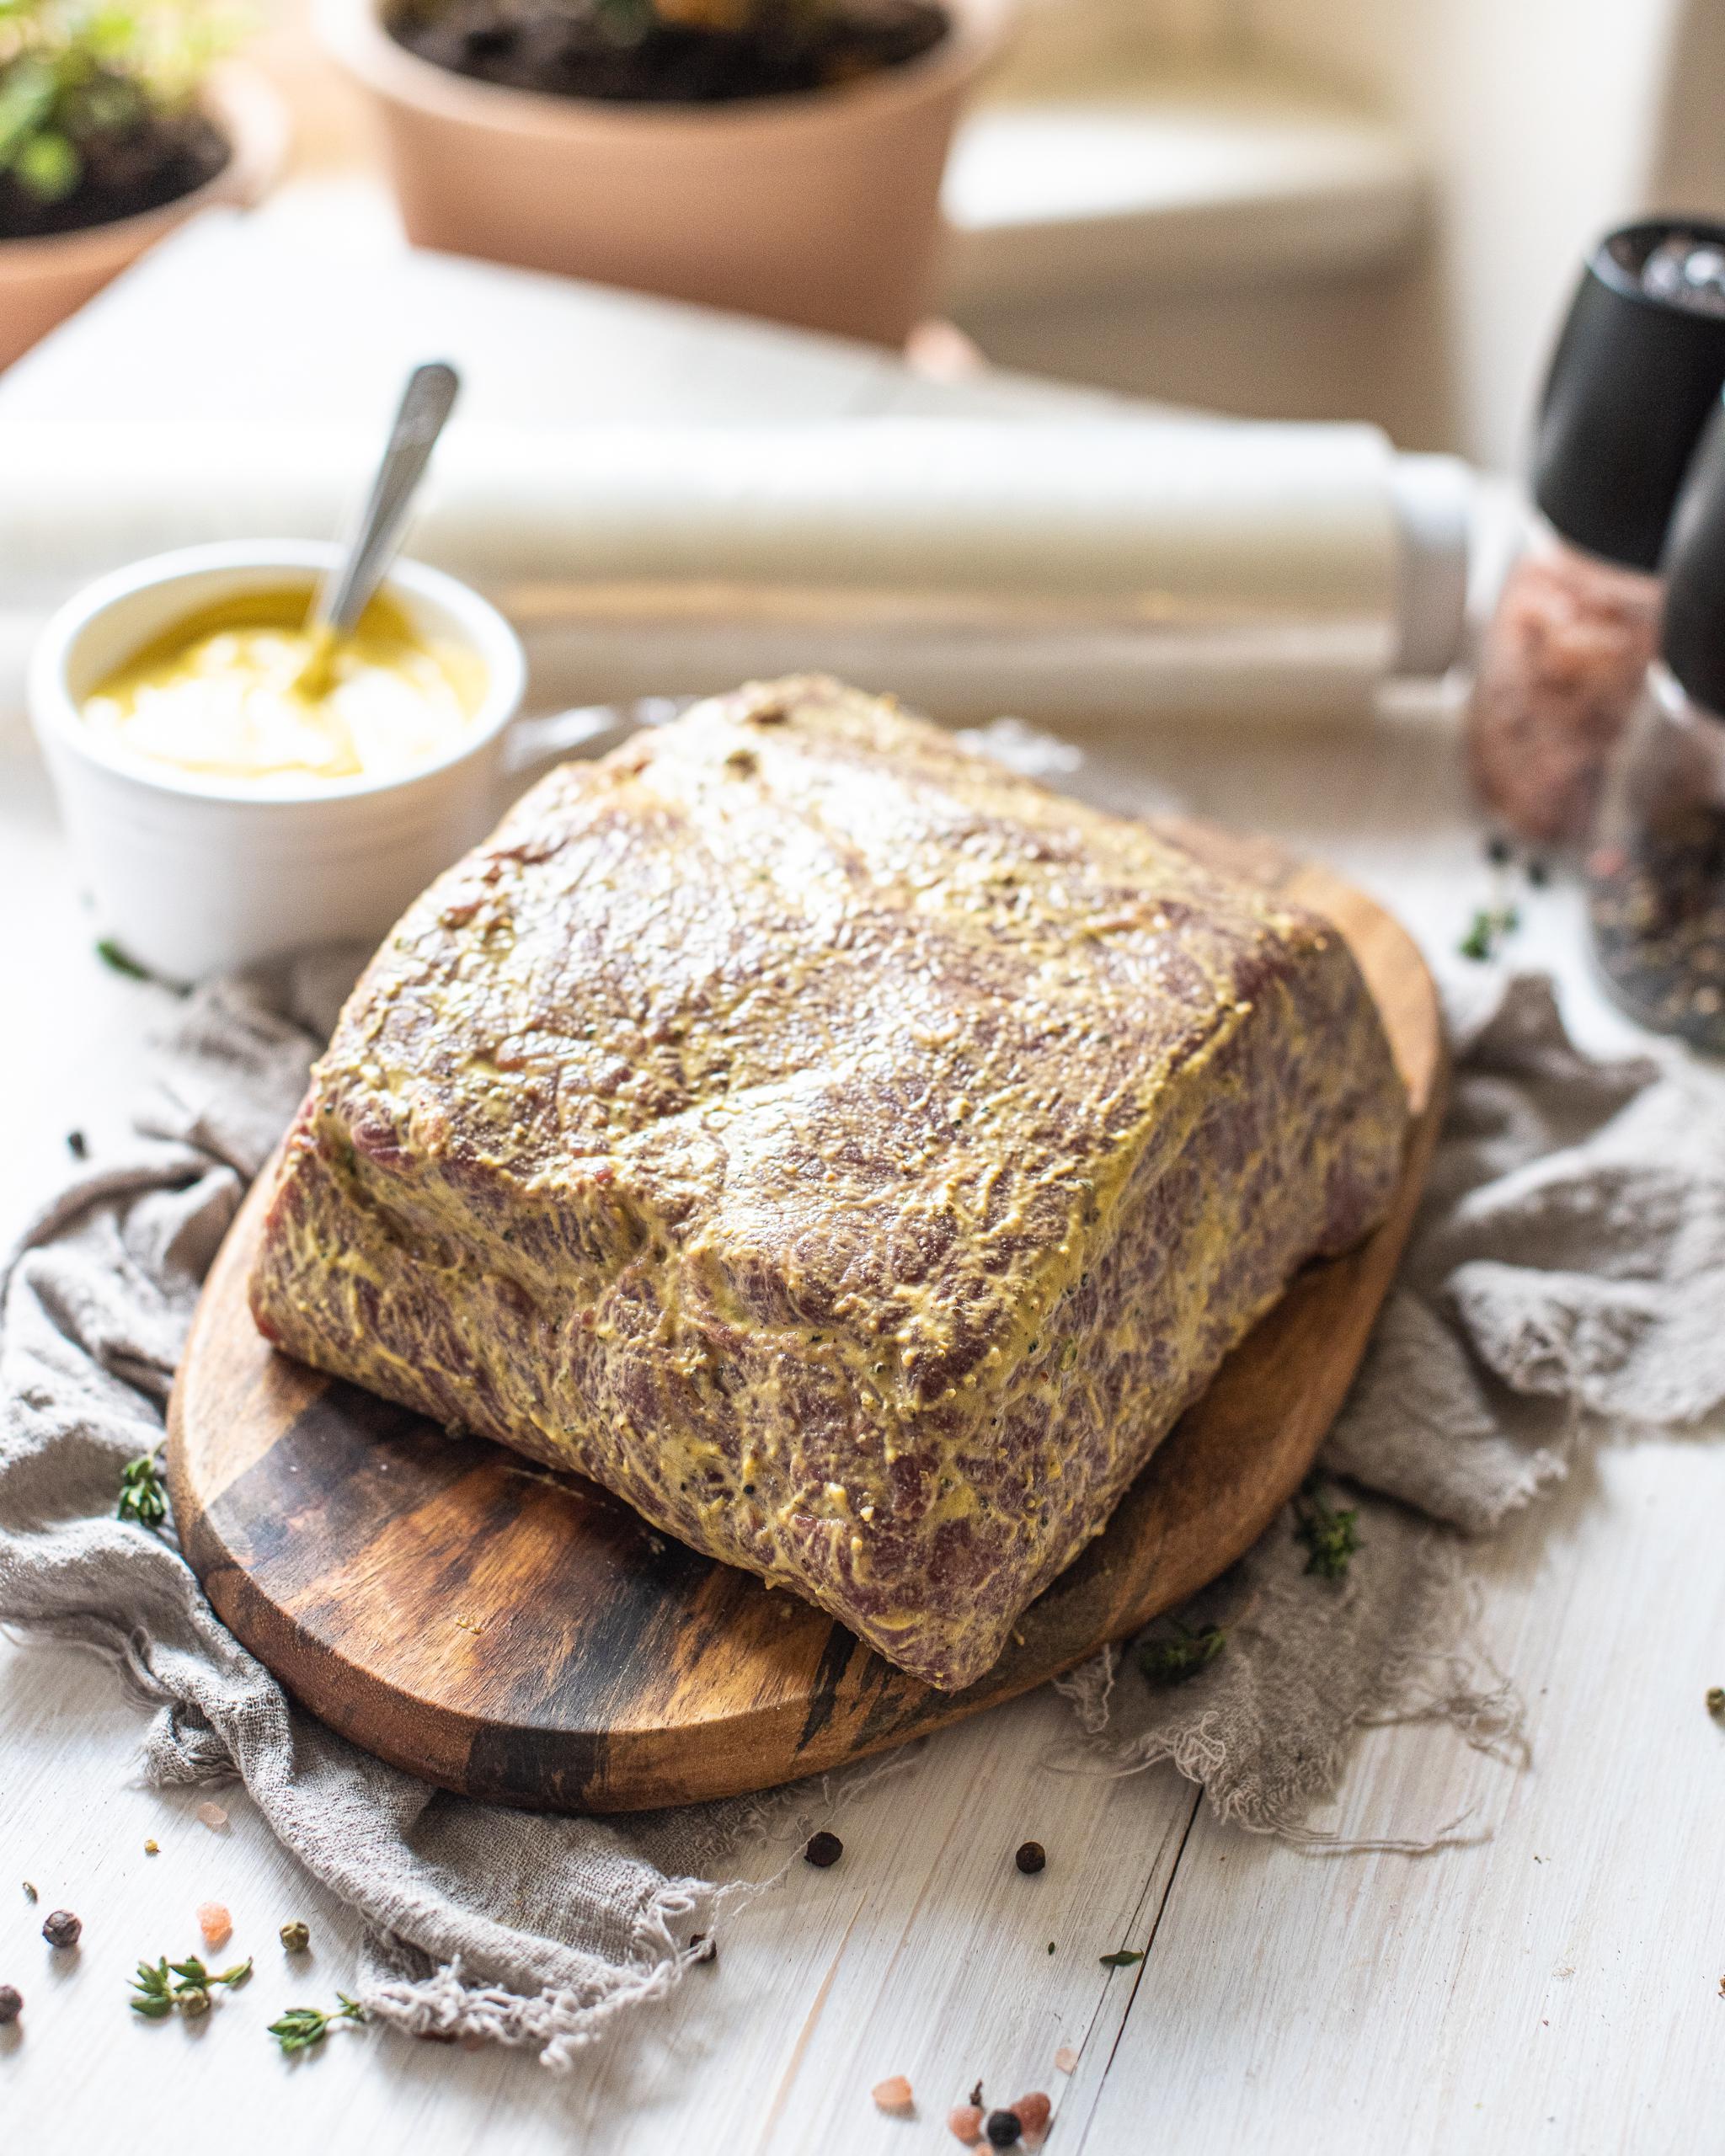 Pečený roastbeef s křenovou omáčkou v chlebu Recept - Krok 2